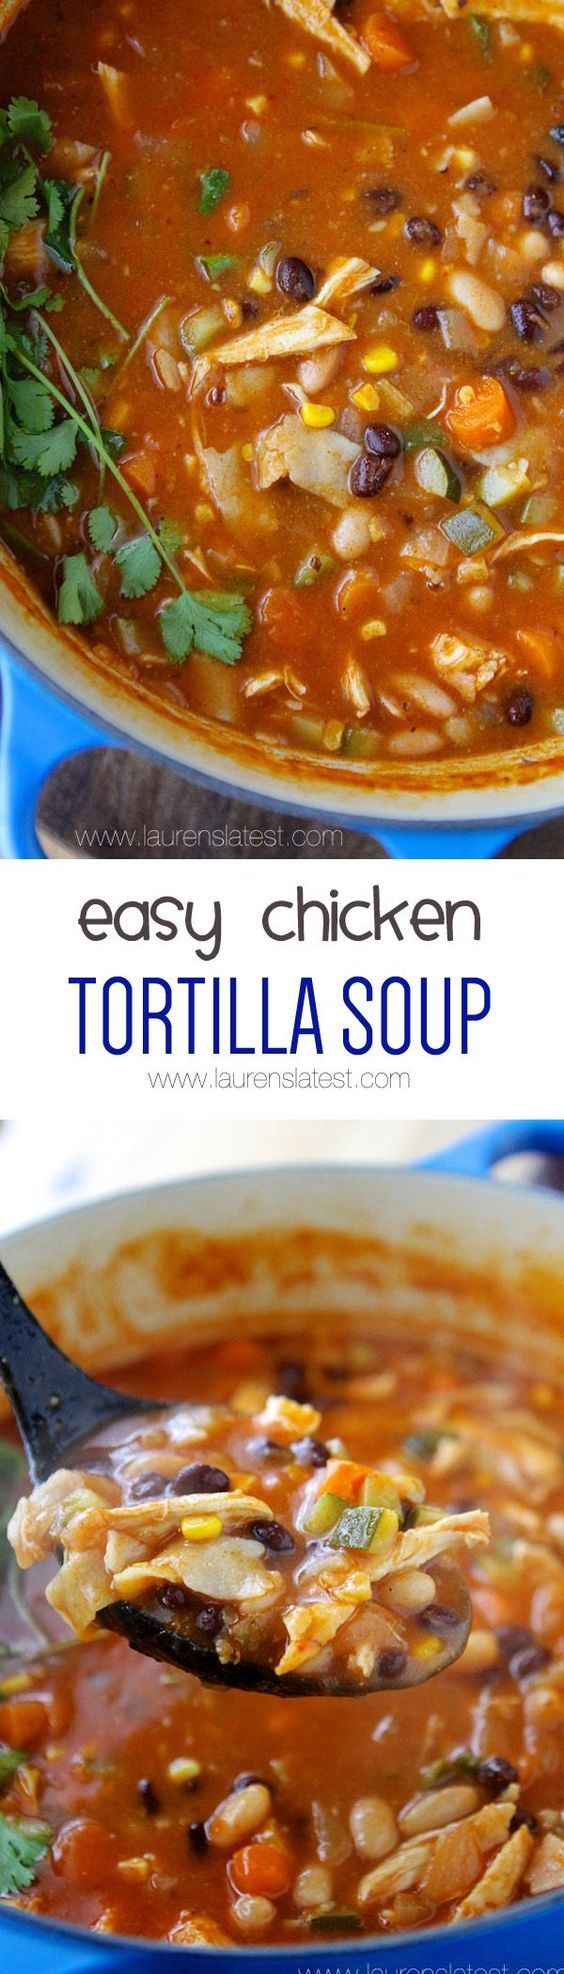 Easy and Healthy Chicken Tortilla Soup Recipe Easy Chicken